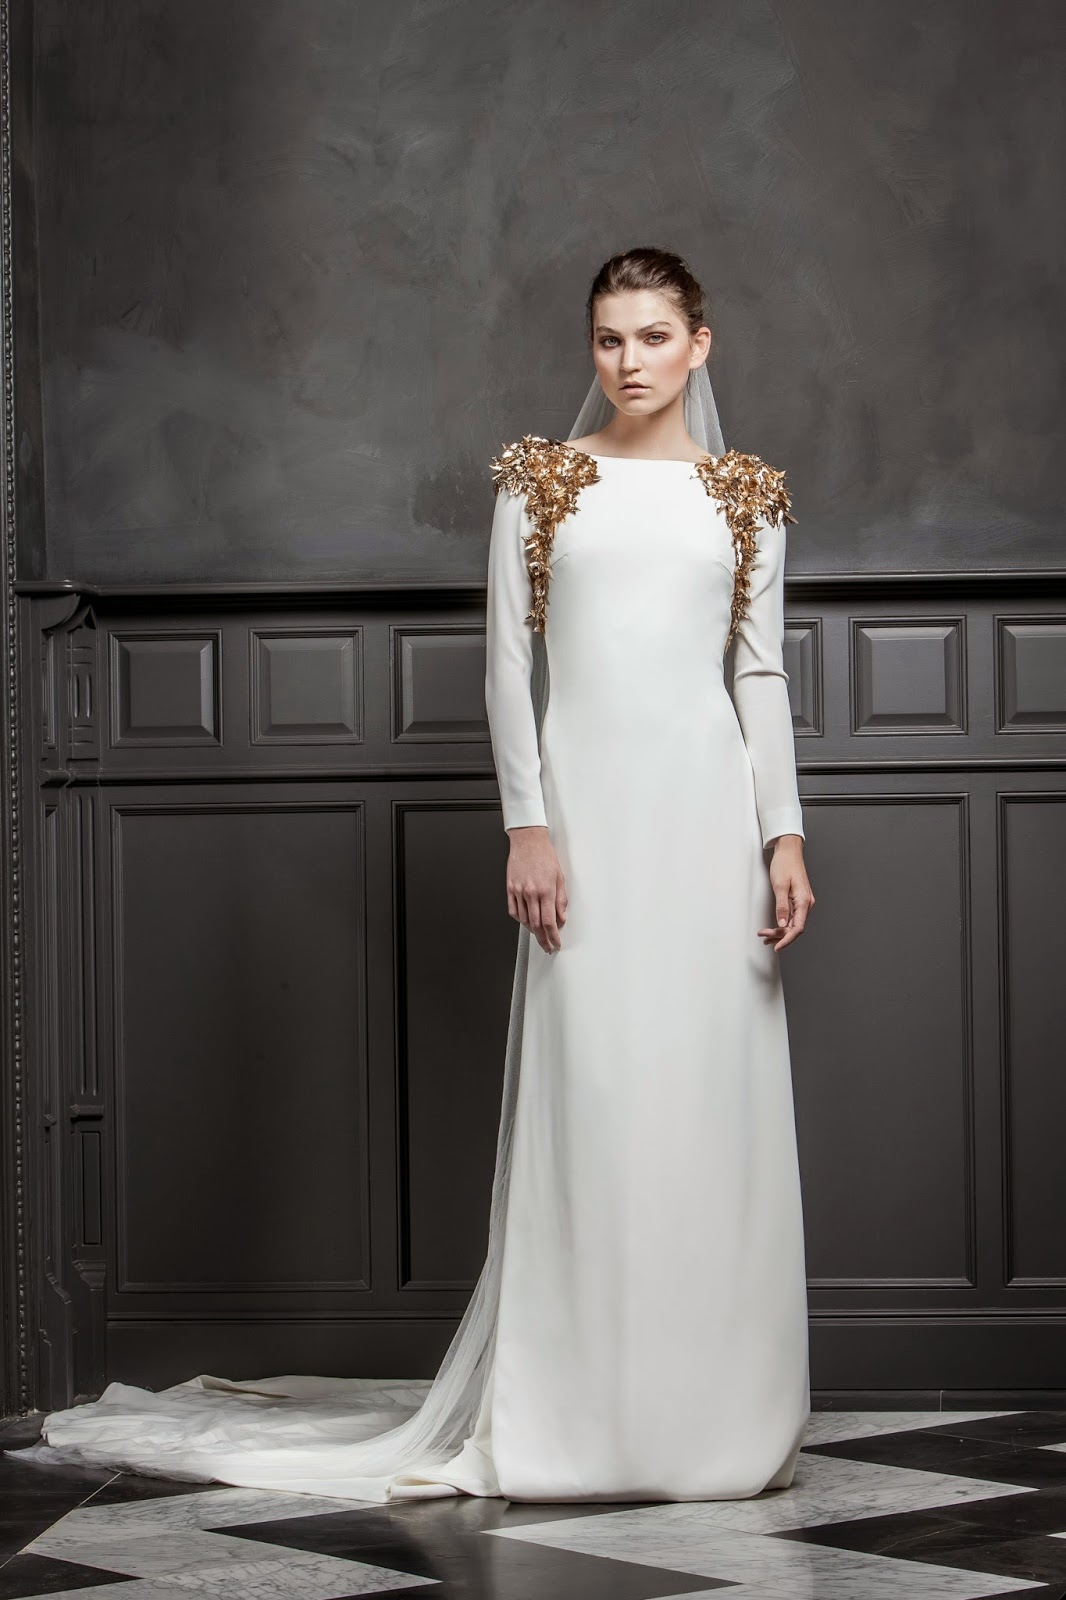 cruzar imagen orquesta  10 vestidos de novia sencillos, elegantes y sofisticados - Quiero una boda  perfecta - Blog de Bodas